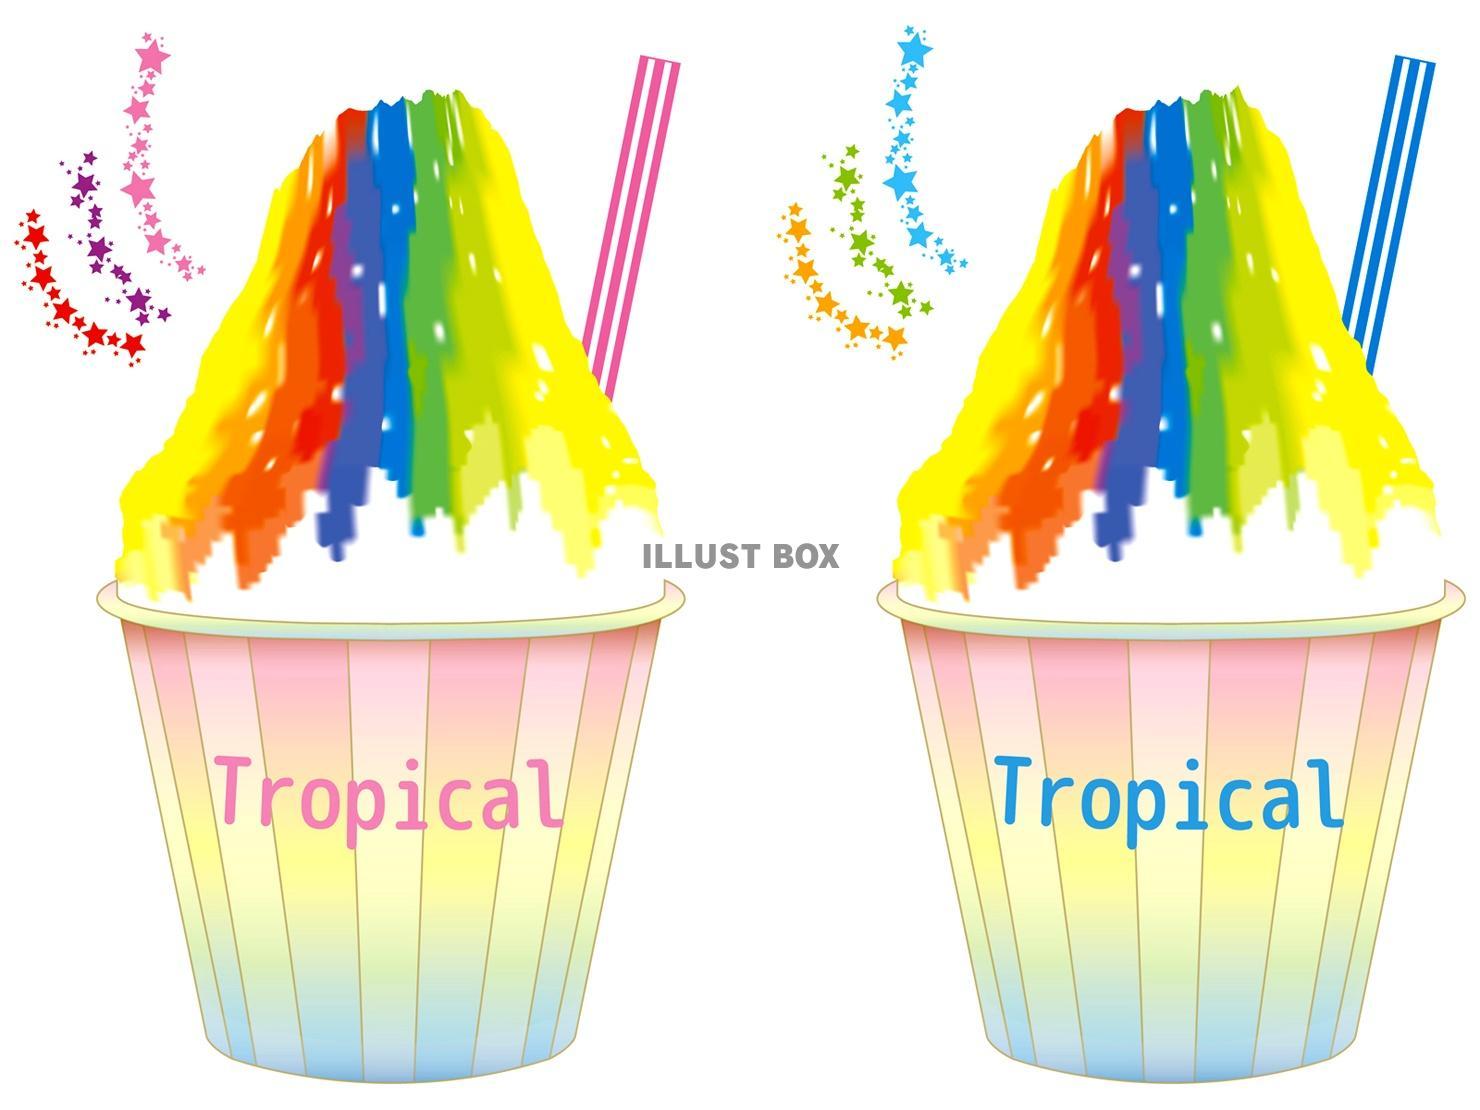 無料イラスト カキ氷かき氷かきごおり氷菓アイストロー紙コップ